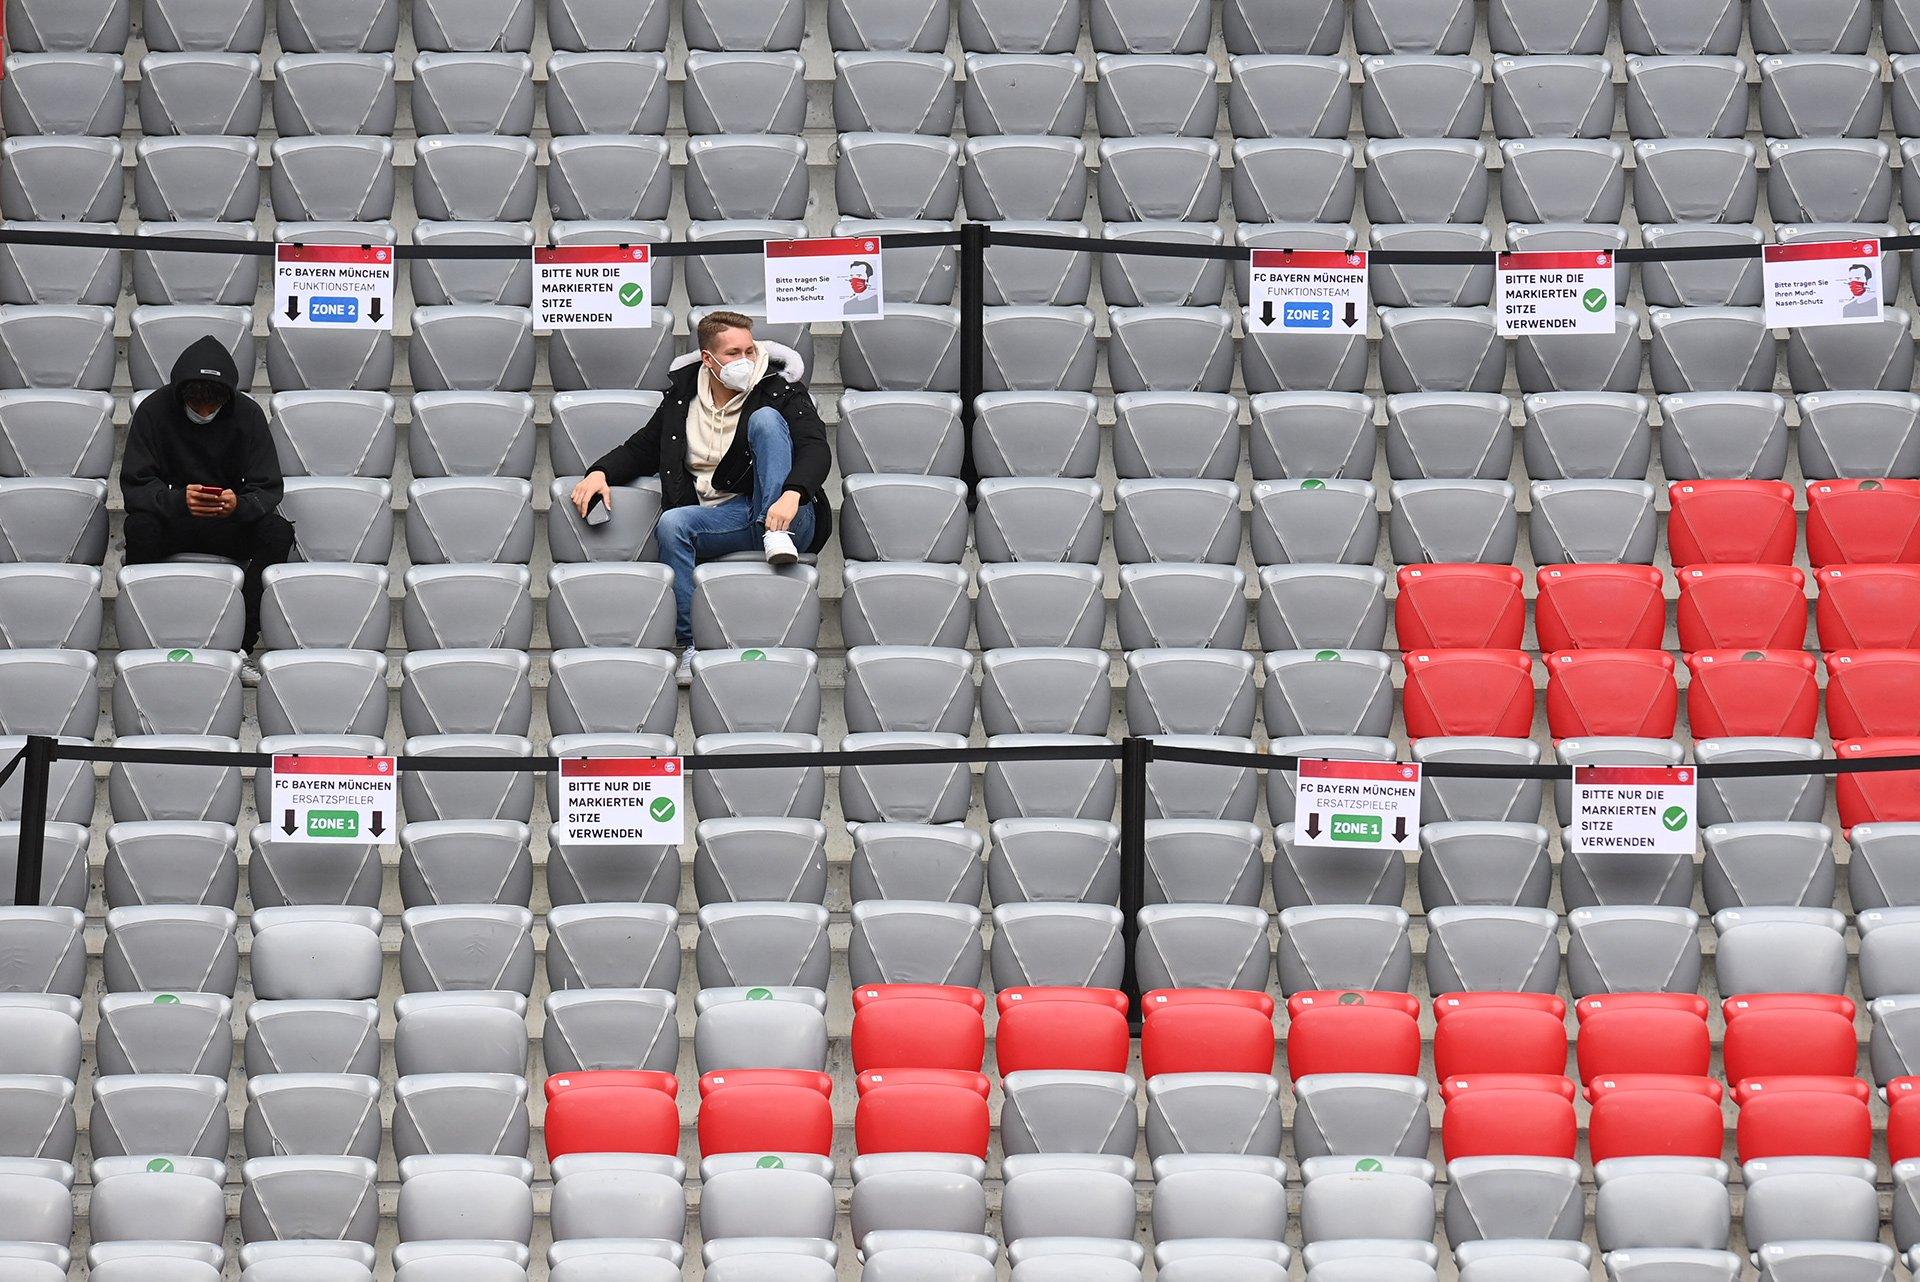 Zurück zum Thema | Fußball und Corona – Verliert der Fußball das Vertrauen der Fans? | detektor.fm – Das Podcast-Radio